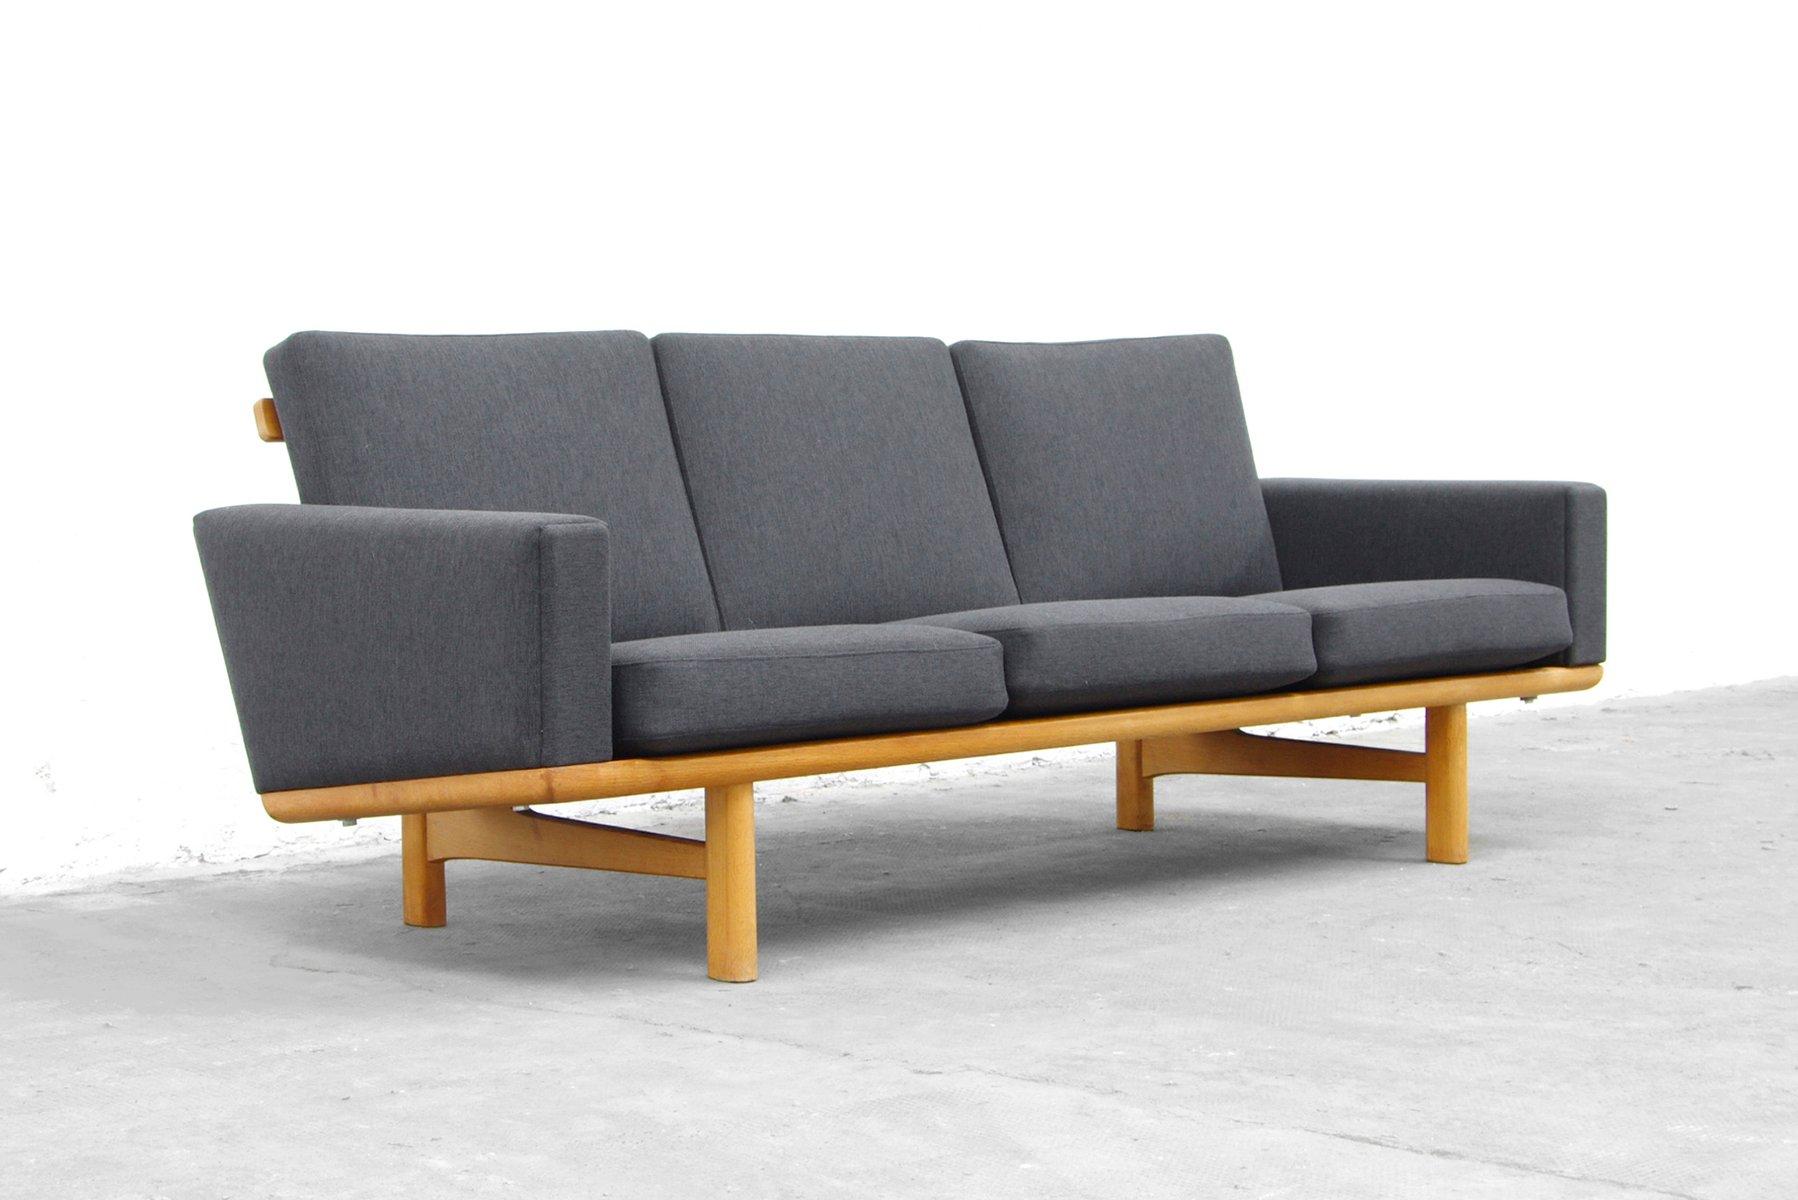 oak ge 236 3 sofa by hans wegner for getama for sale at pamono. Black Bedroom Furniture Sets. Home Design Ideas